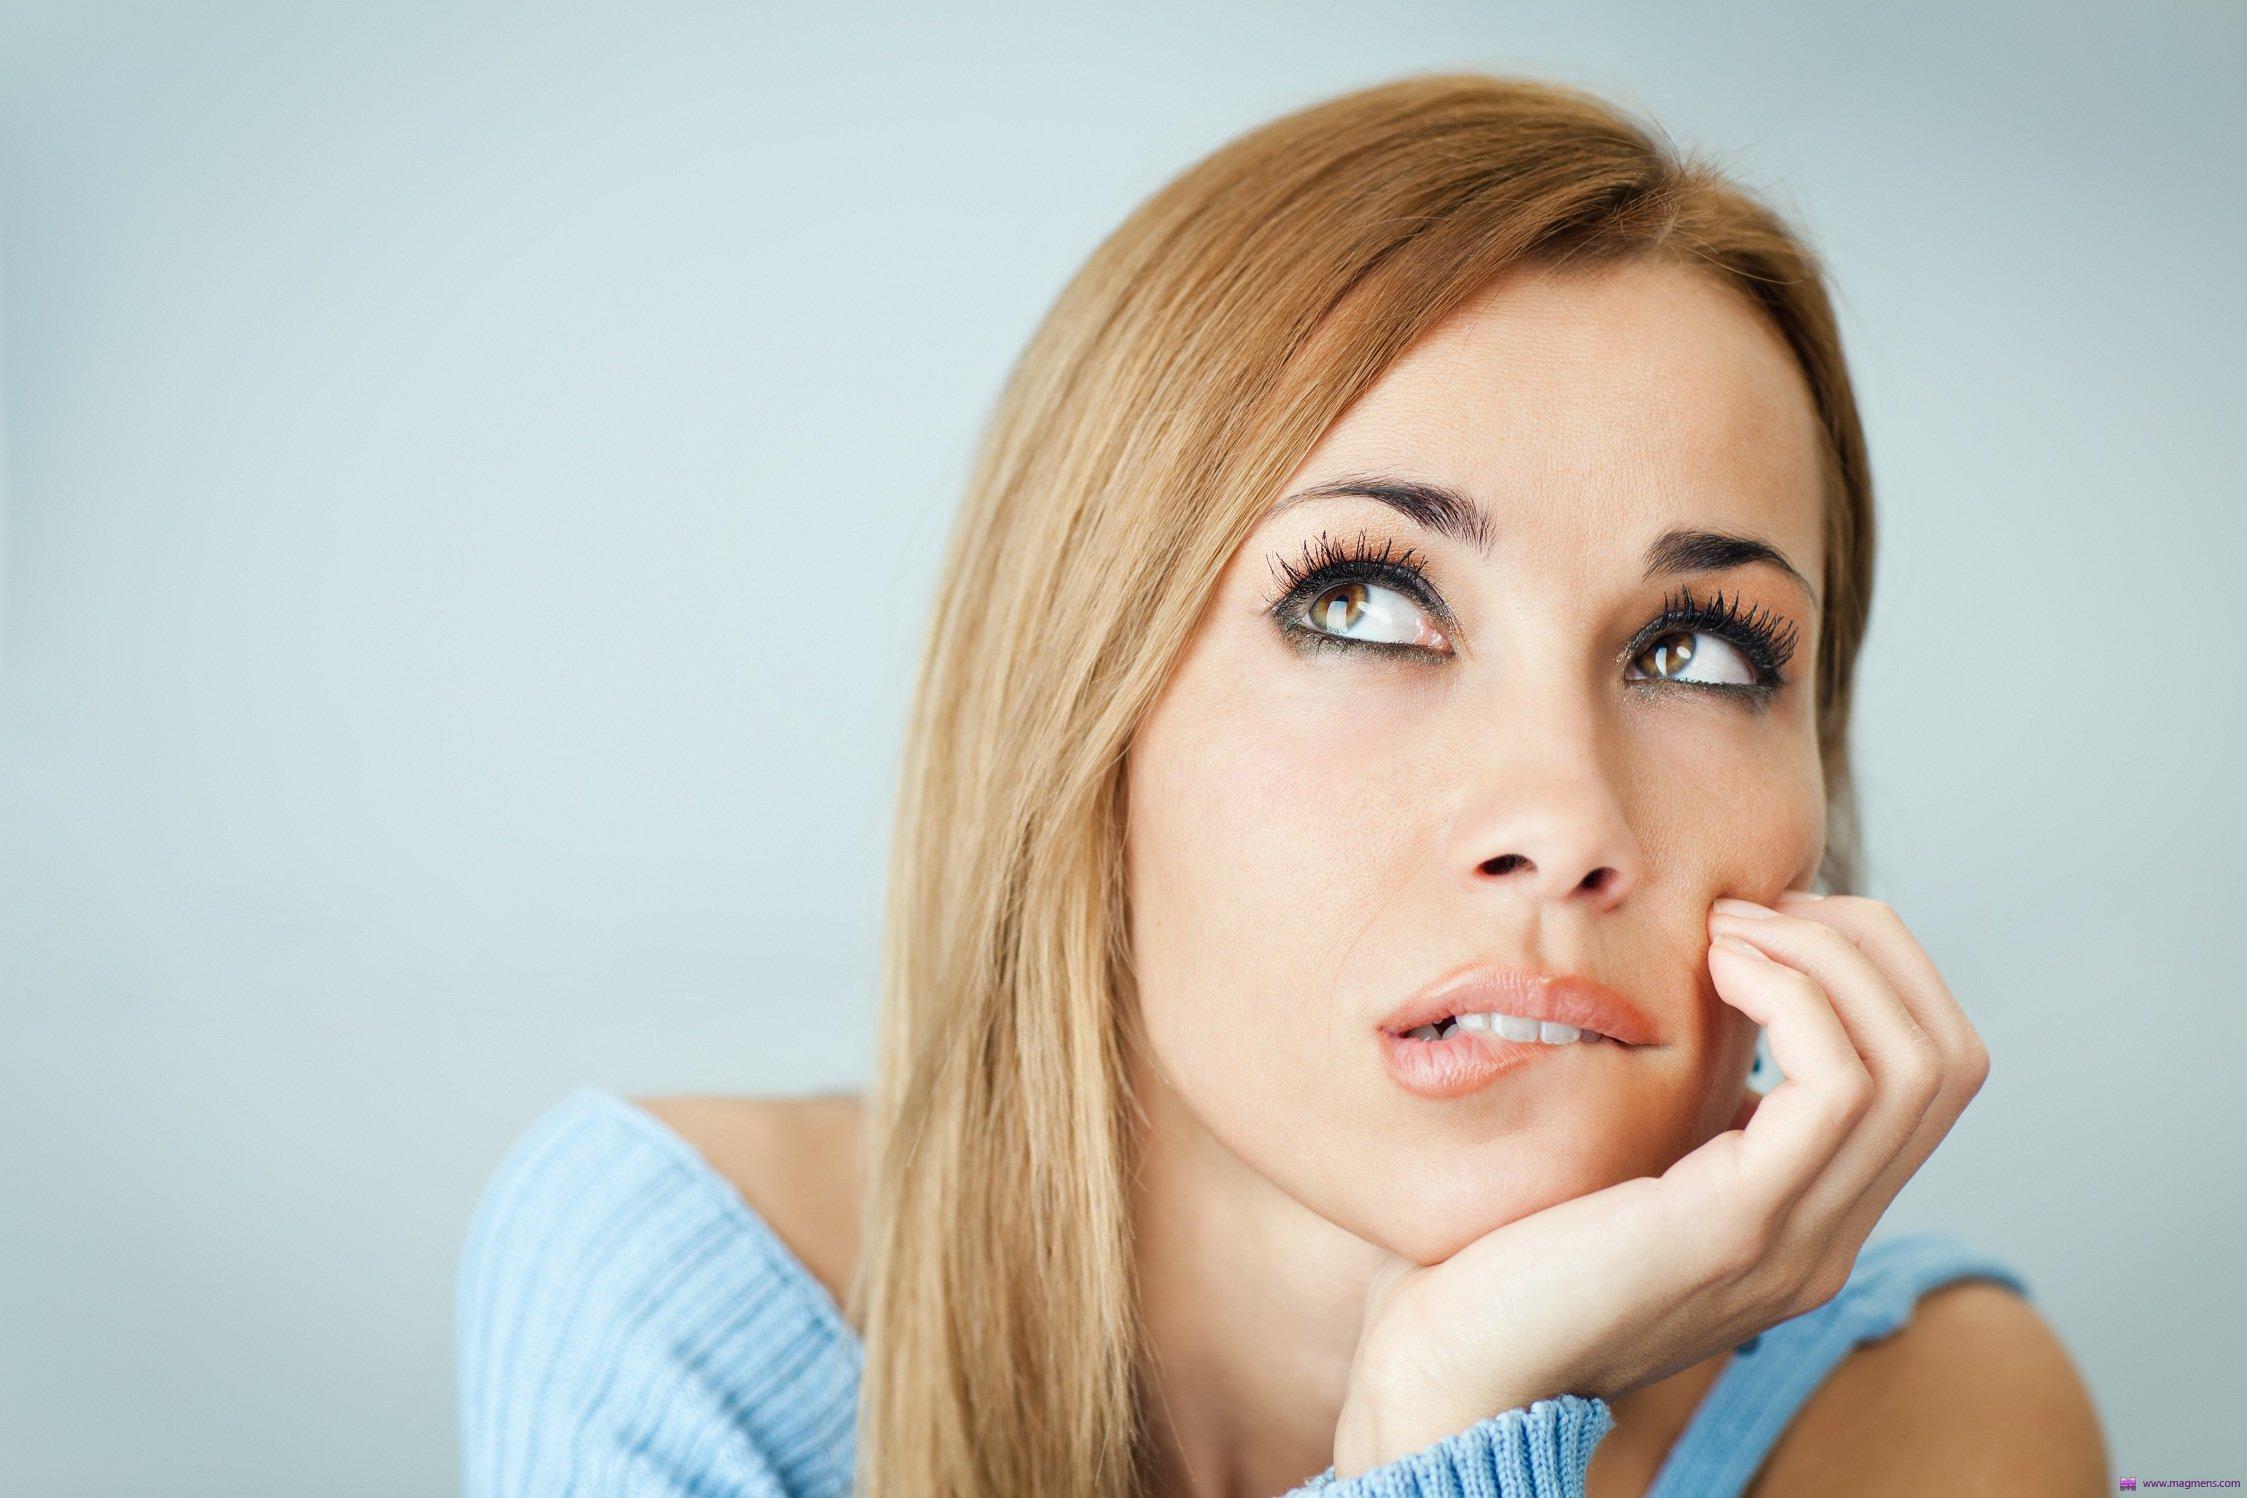 Soffri di ansia da prestazione? [TEST]